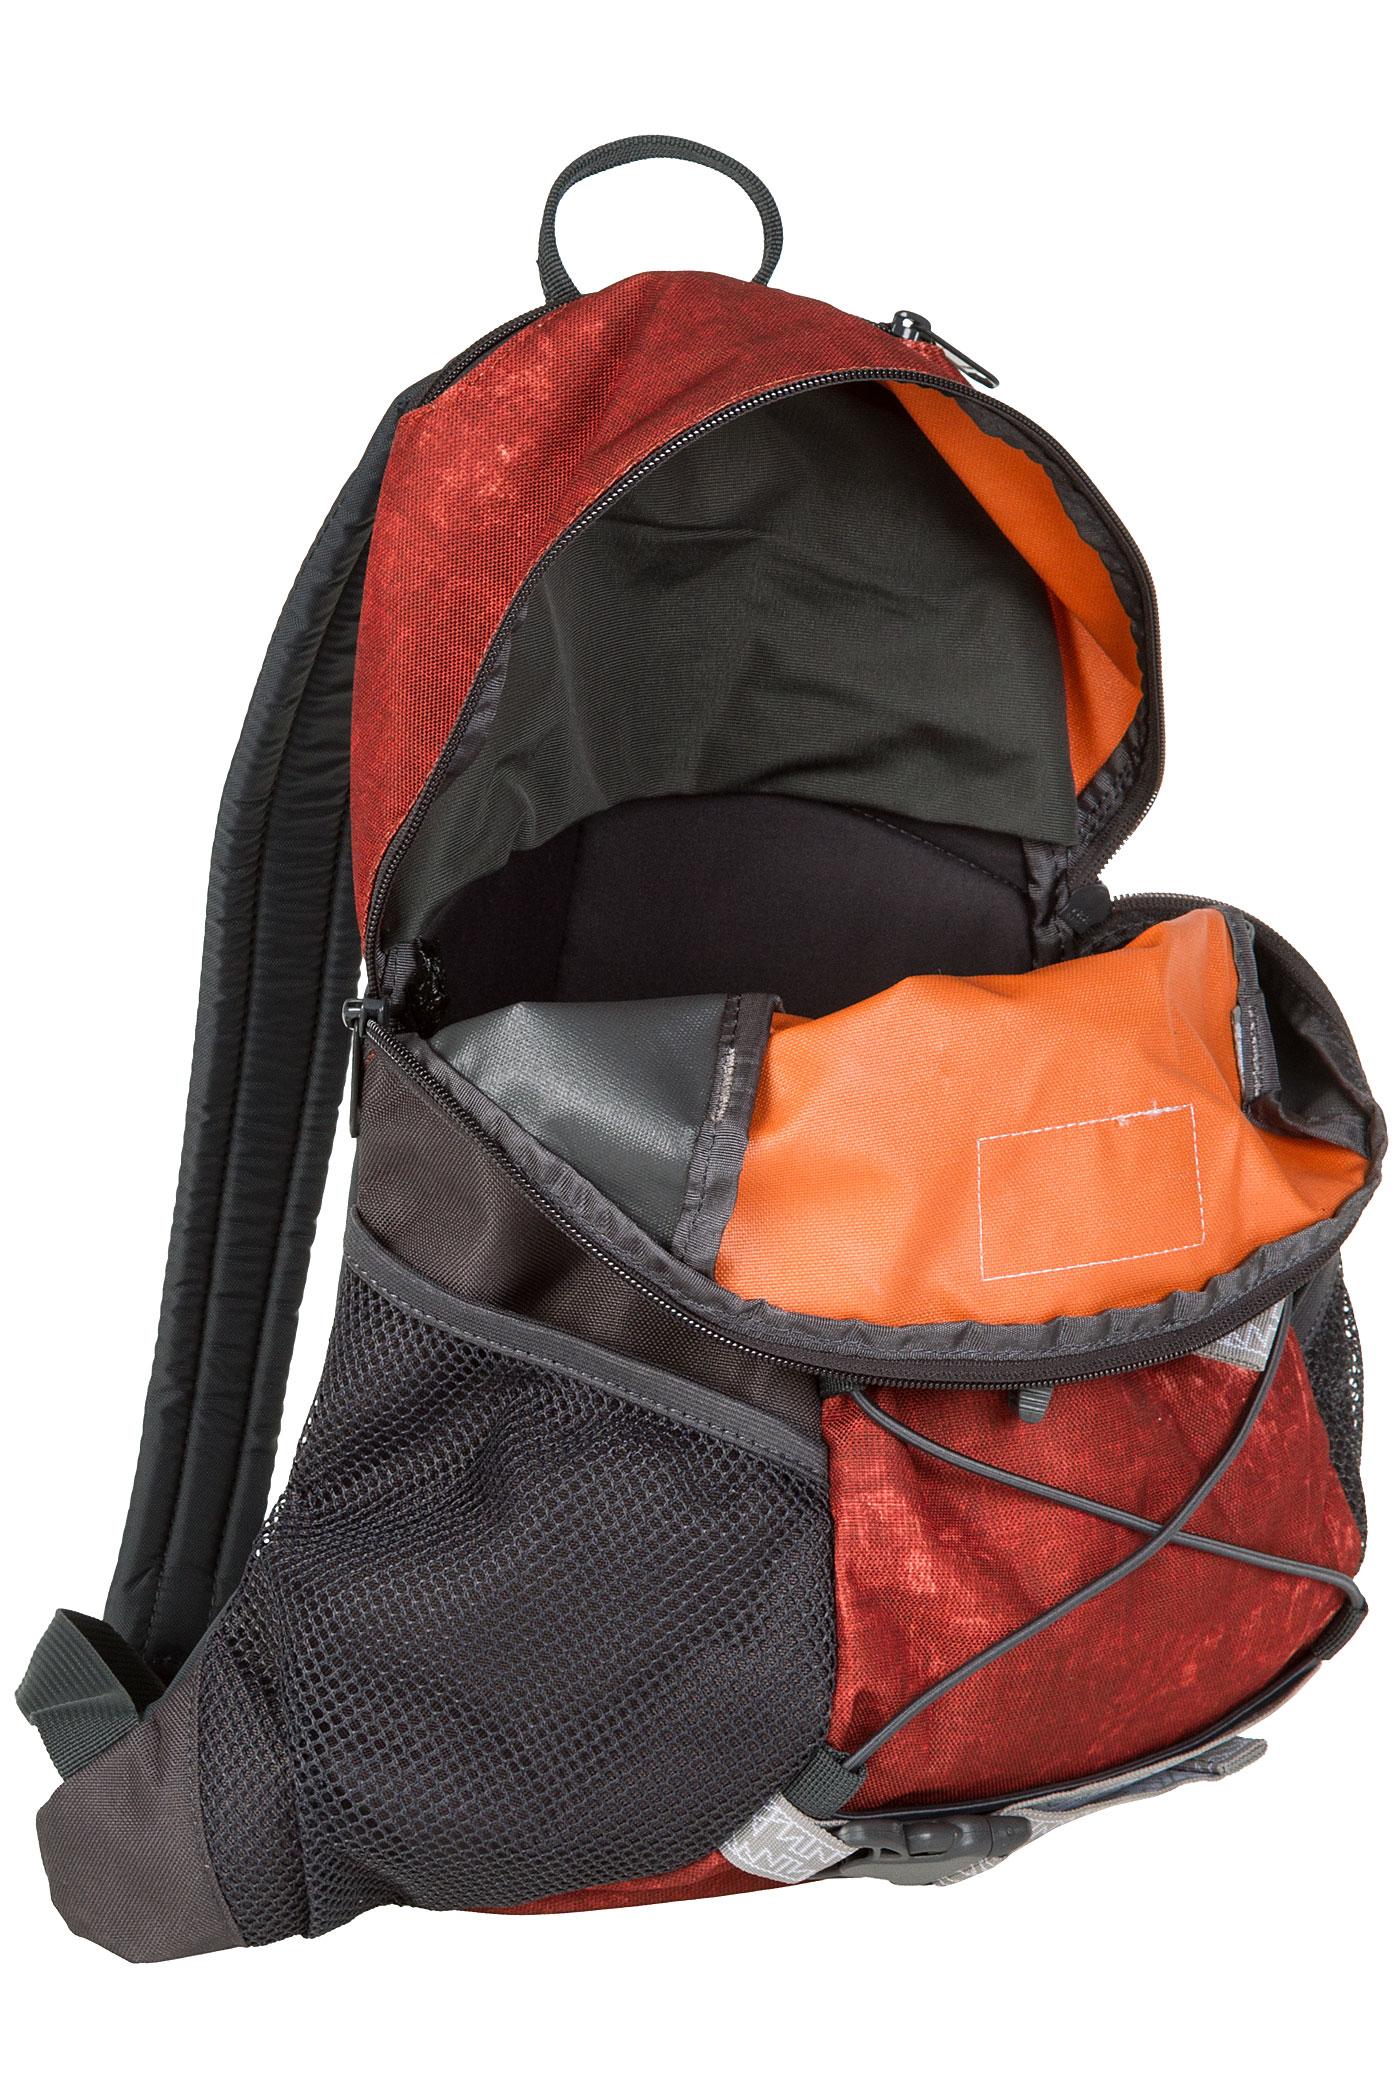 dakine wonder backpack 15l moab buy at skatedeluxe. Black Bedroom Furniture Sets. Home Design Ideas